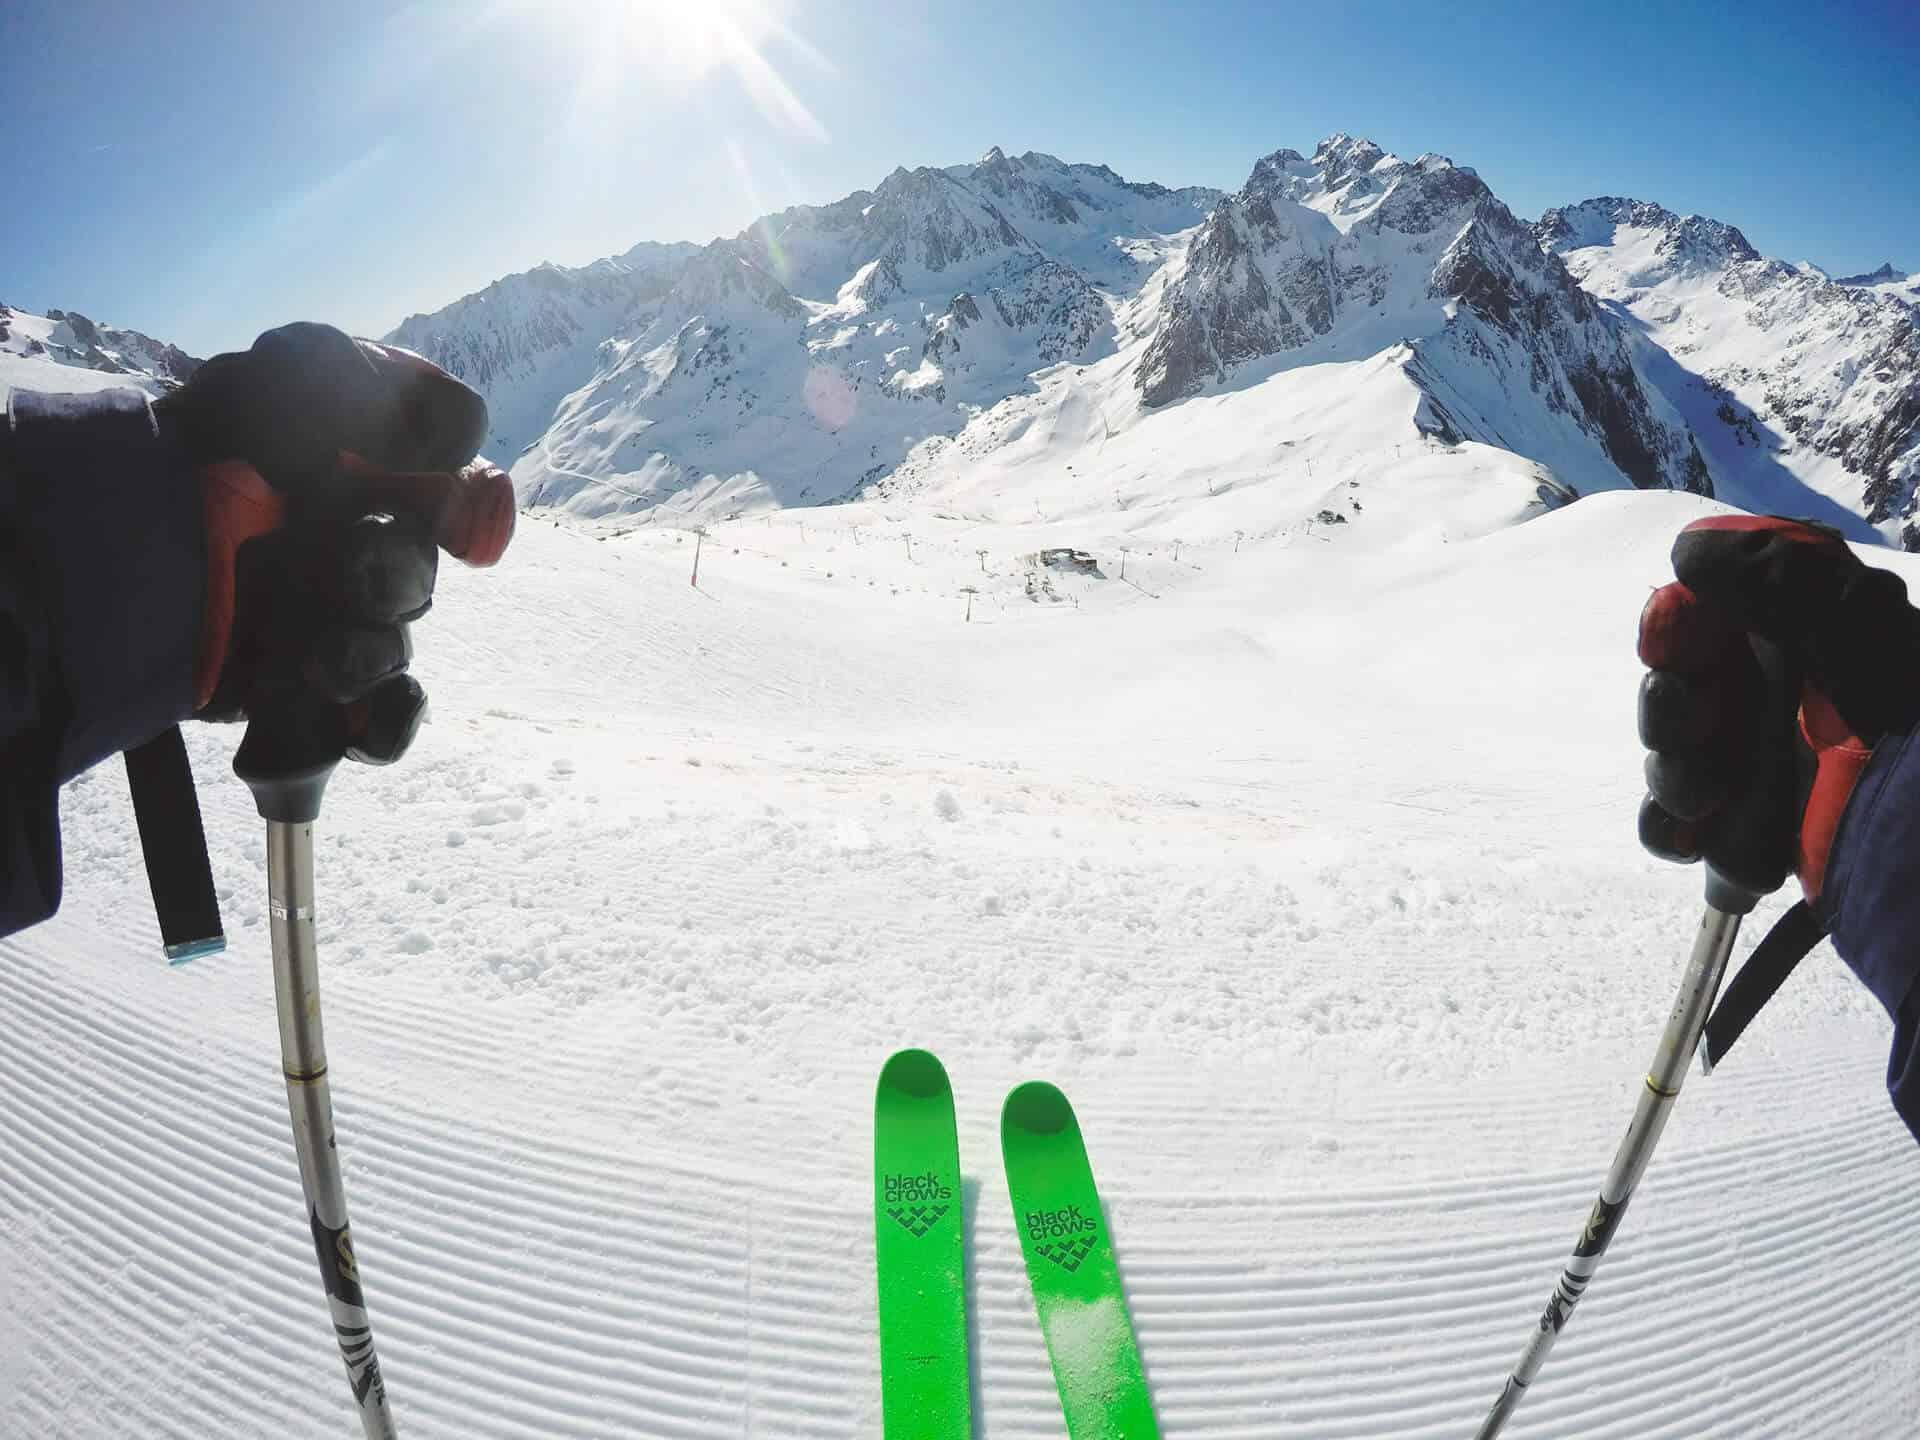 Grand Tourmalet / Pic du Midi, votre terrain de ski